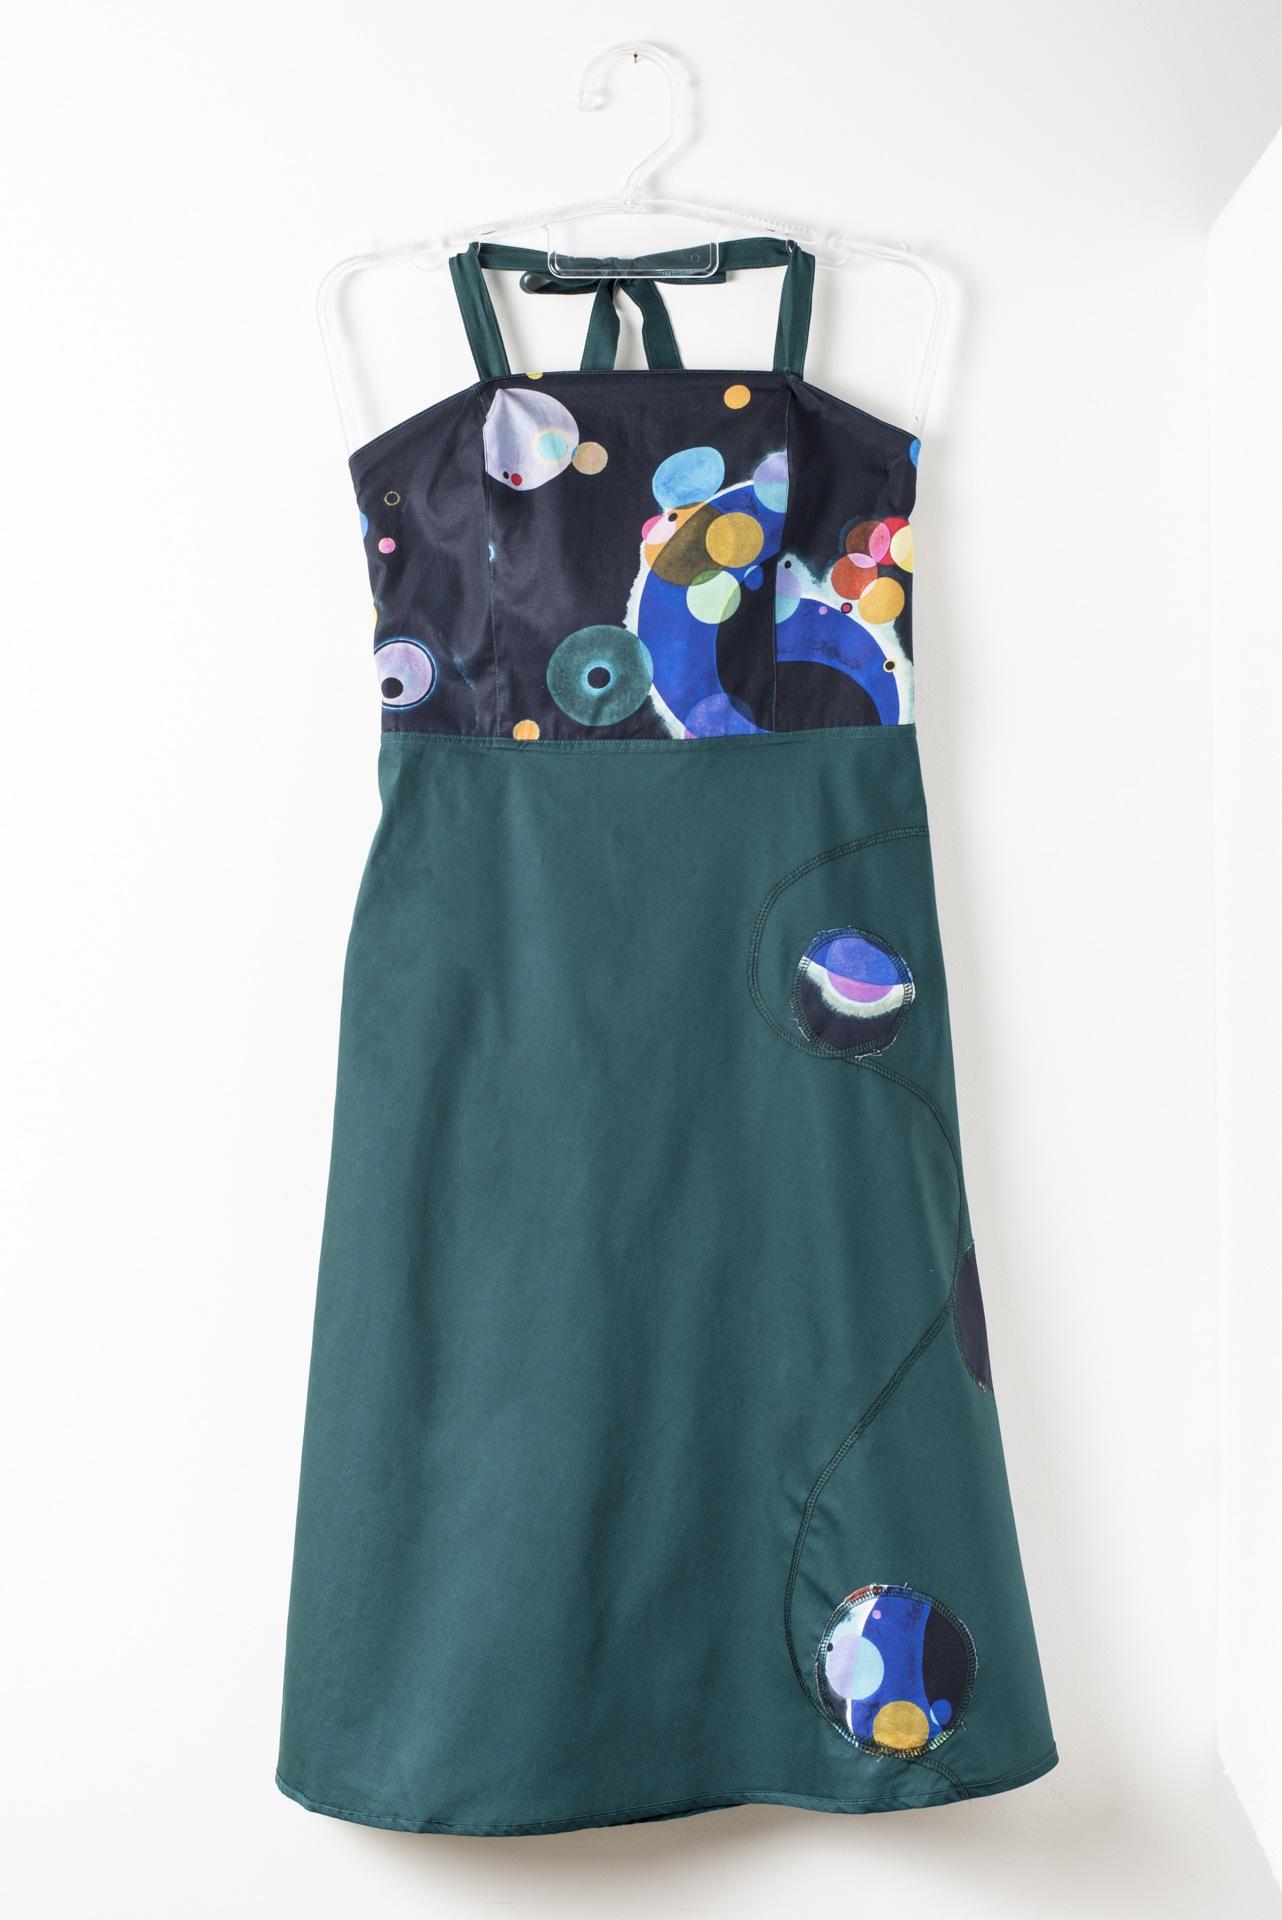 Vestido TQC Dupla Face Verde (Estampa Aquarela) - Diversa